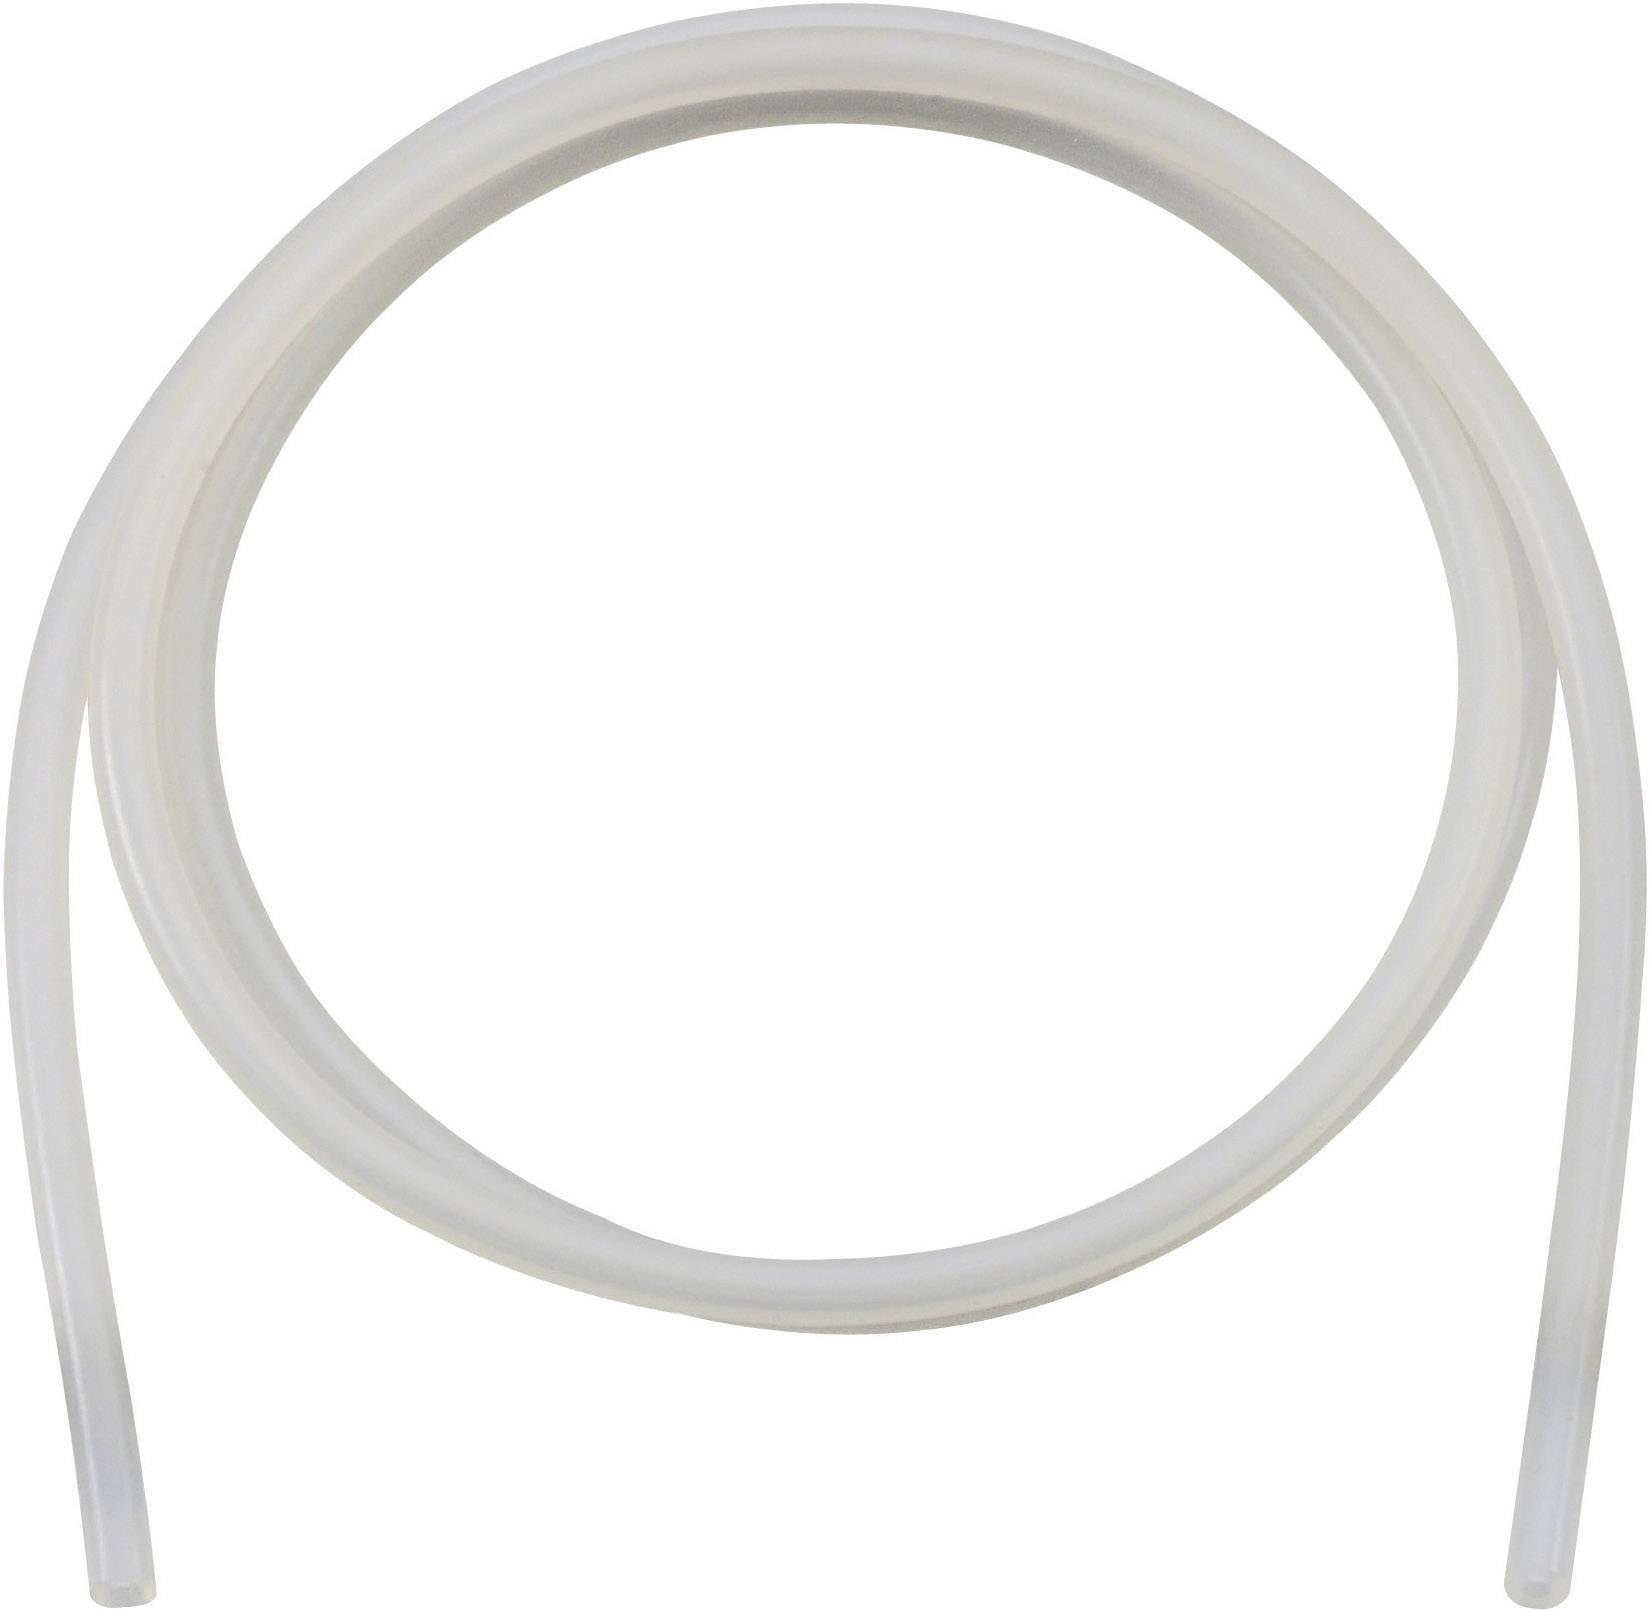 Silikonová palivová hadice Reely, Ø 3,2 mm, čirá